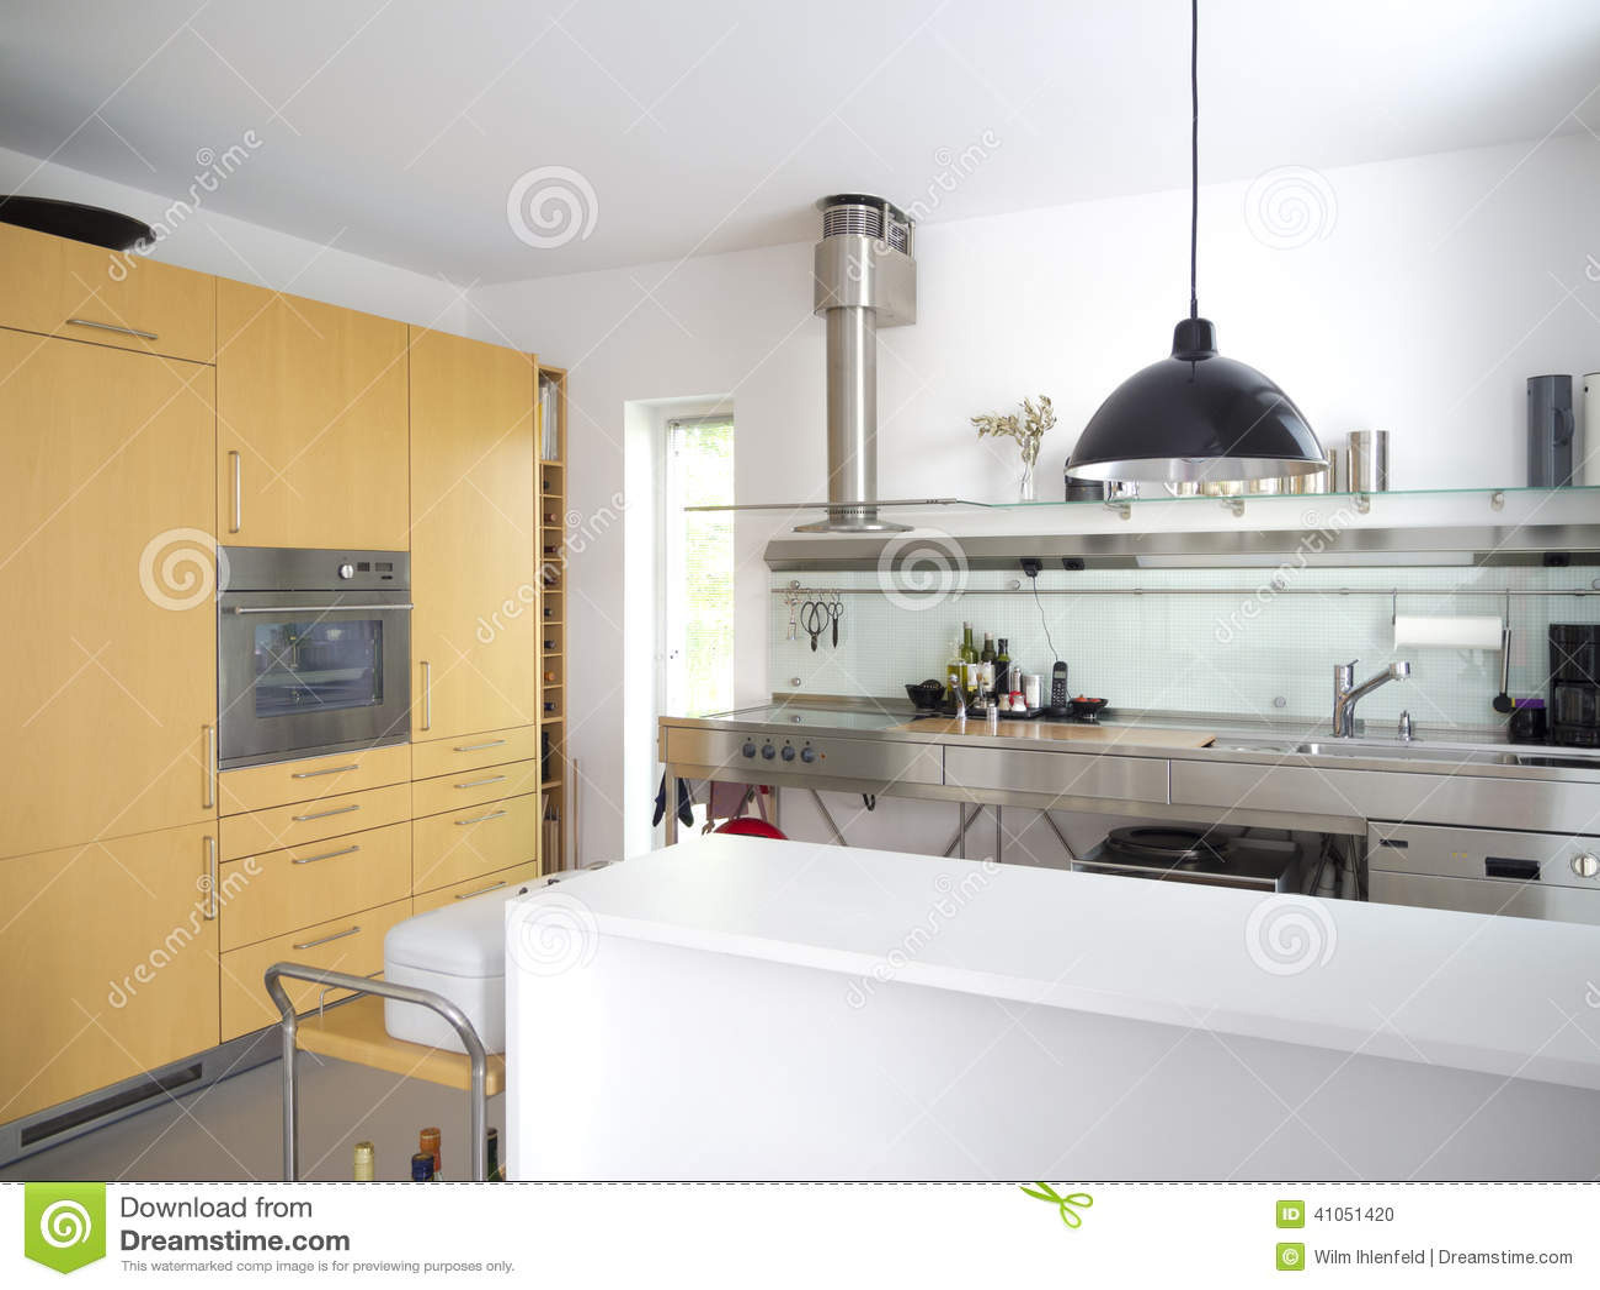 Keuken Modern Open : Moderne open keuken stock foto afbeelding bestaande uit decoratie